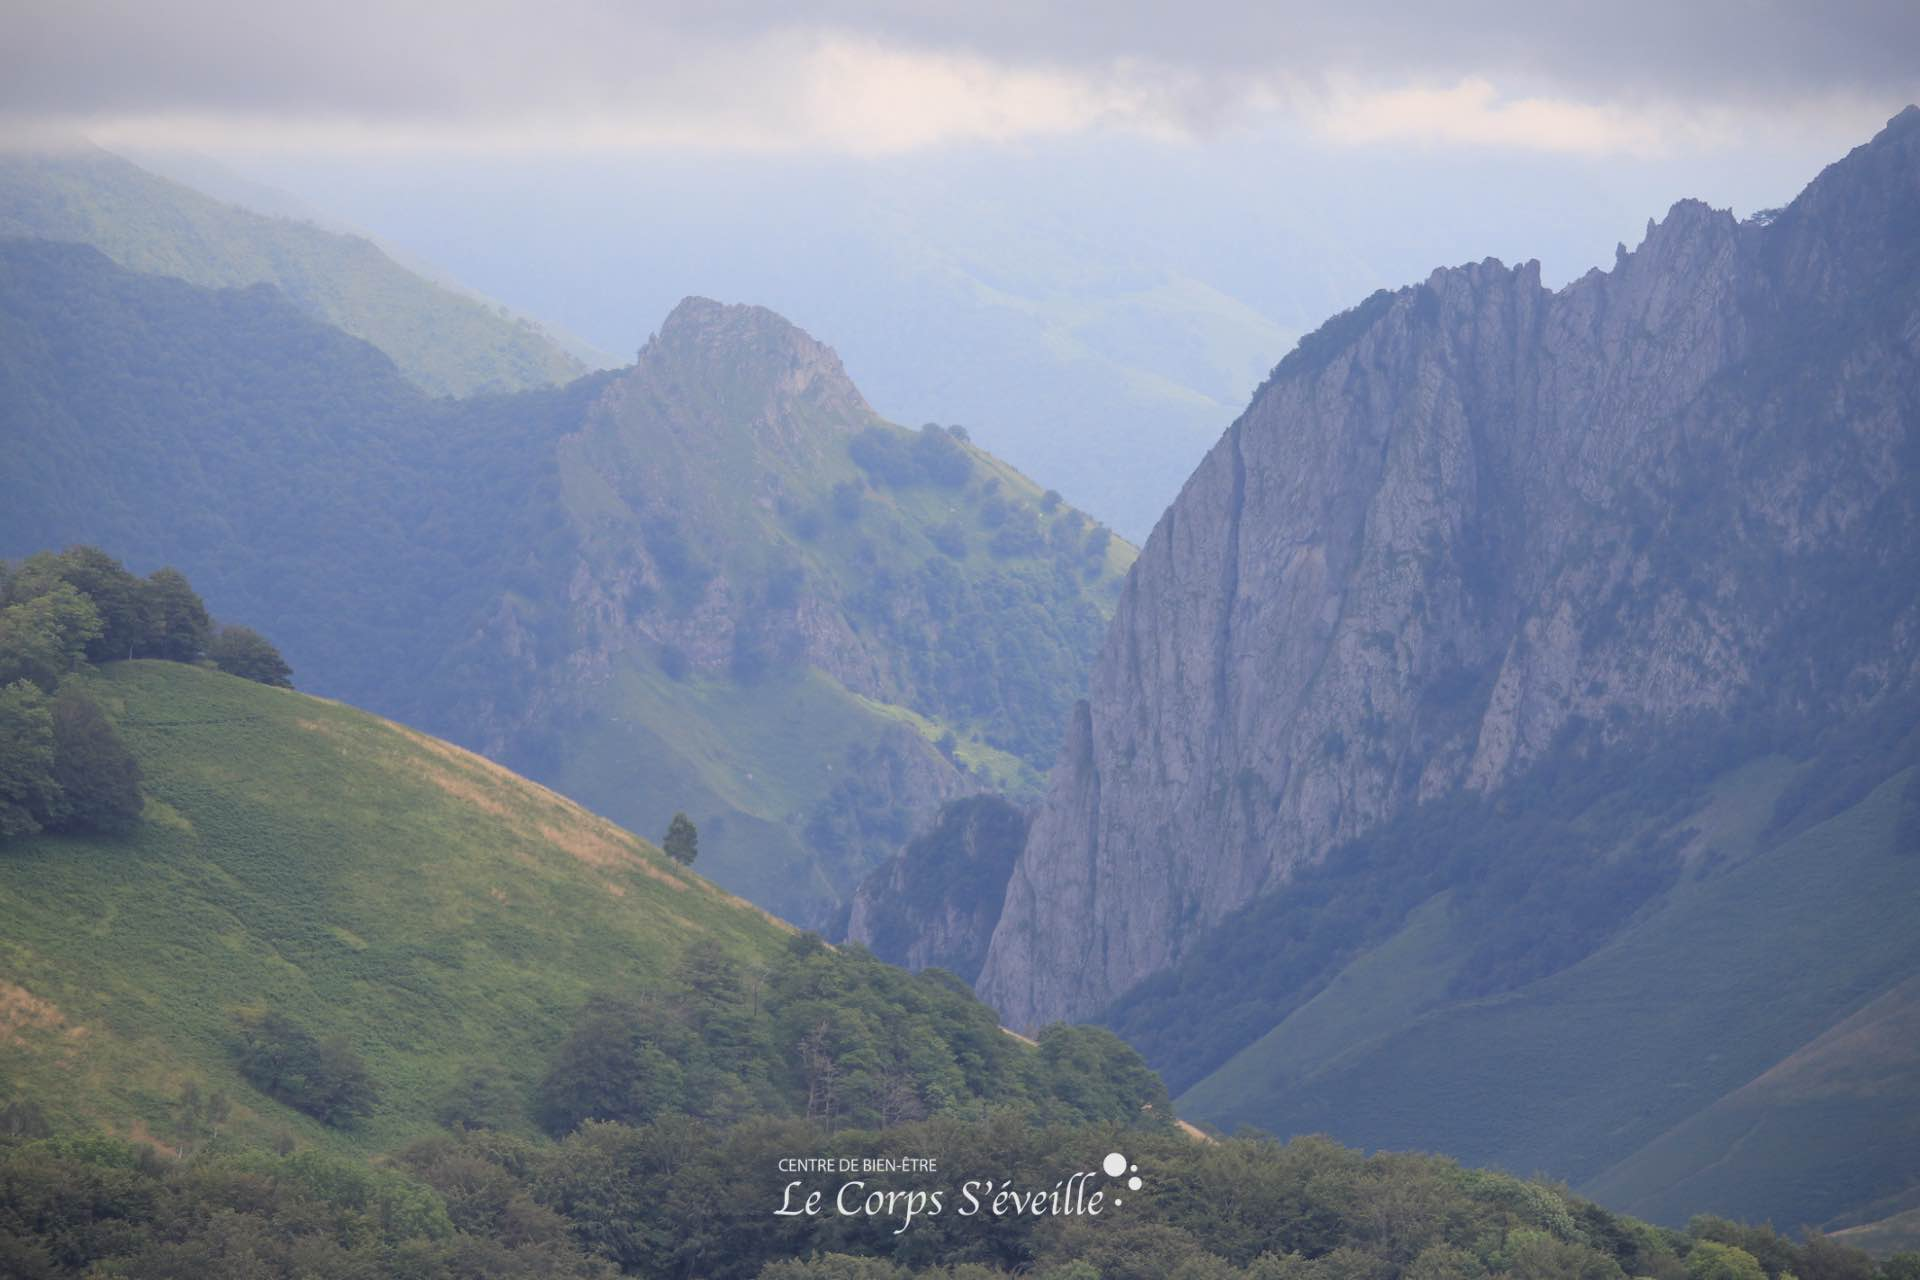 Photographie : Le Corps S'éveille, Centre de bien-être en Pyrénées Atlantiques.